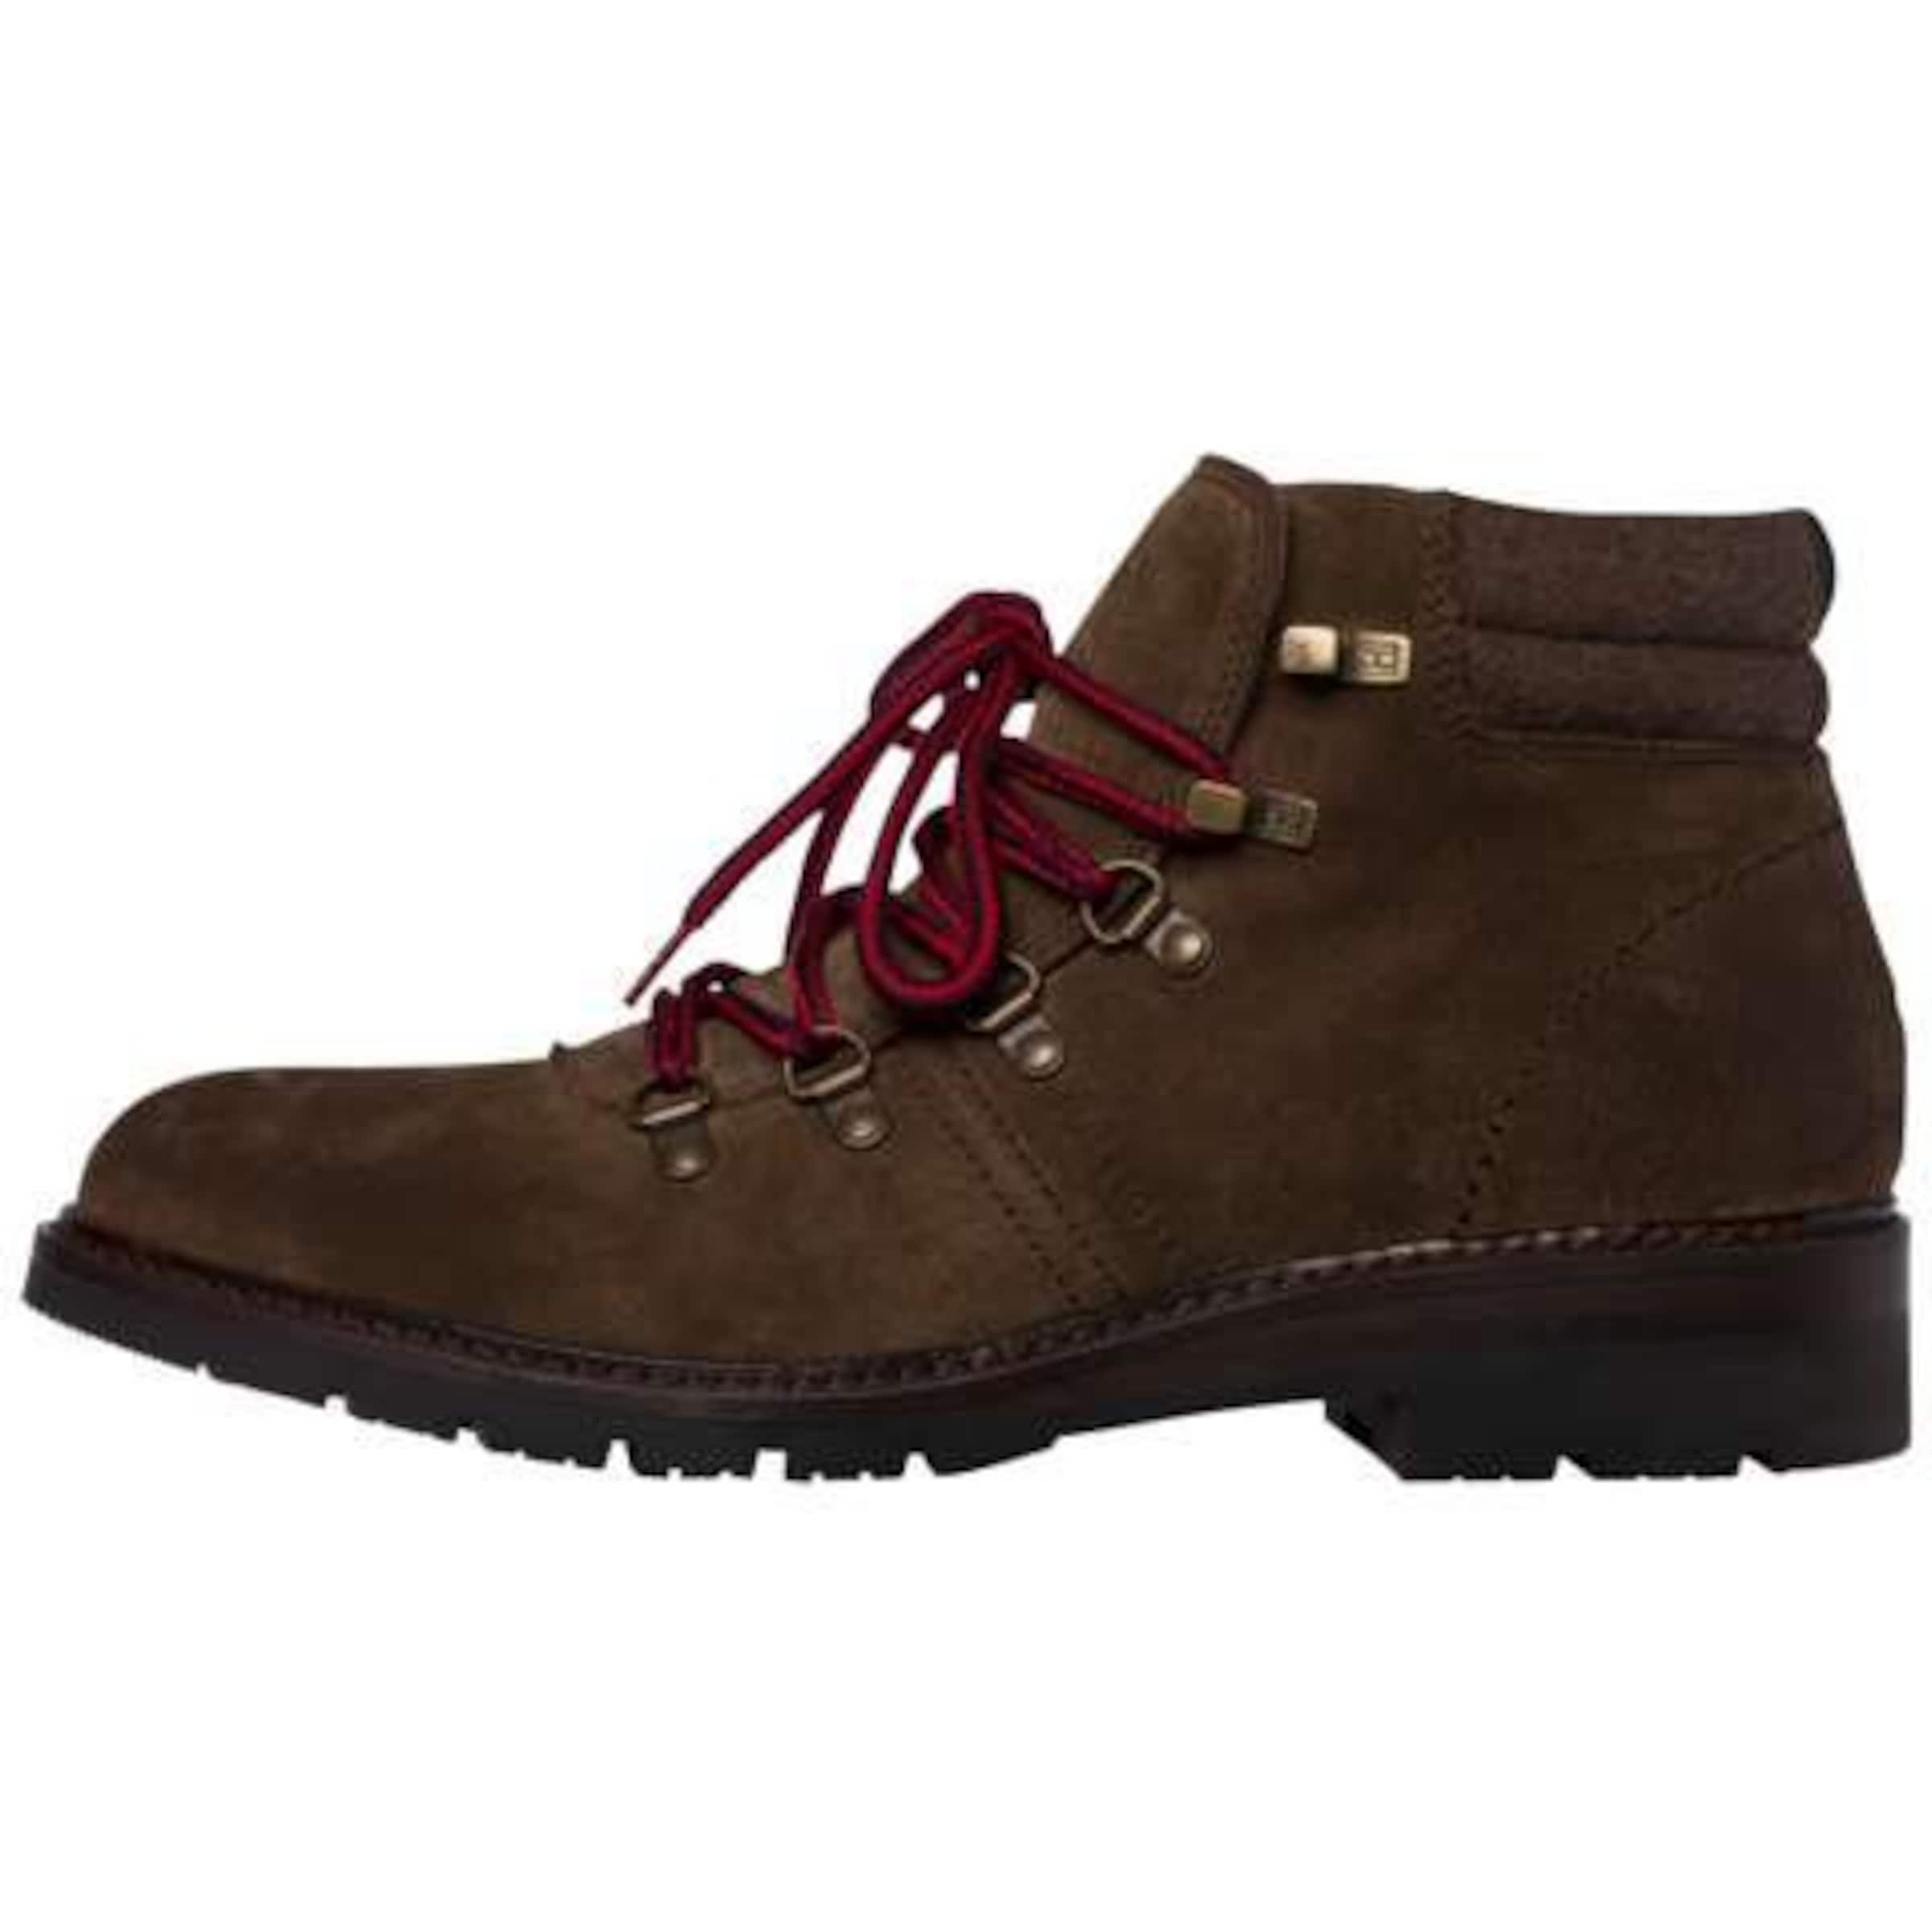 TOMMY HILFIGER | Boots  T2285RUNK 2B